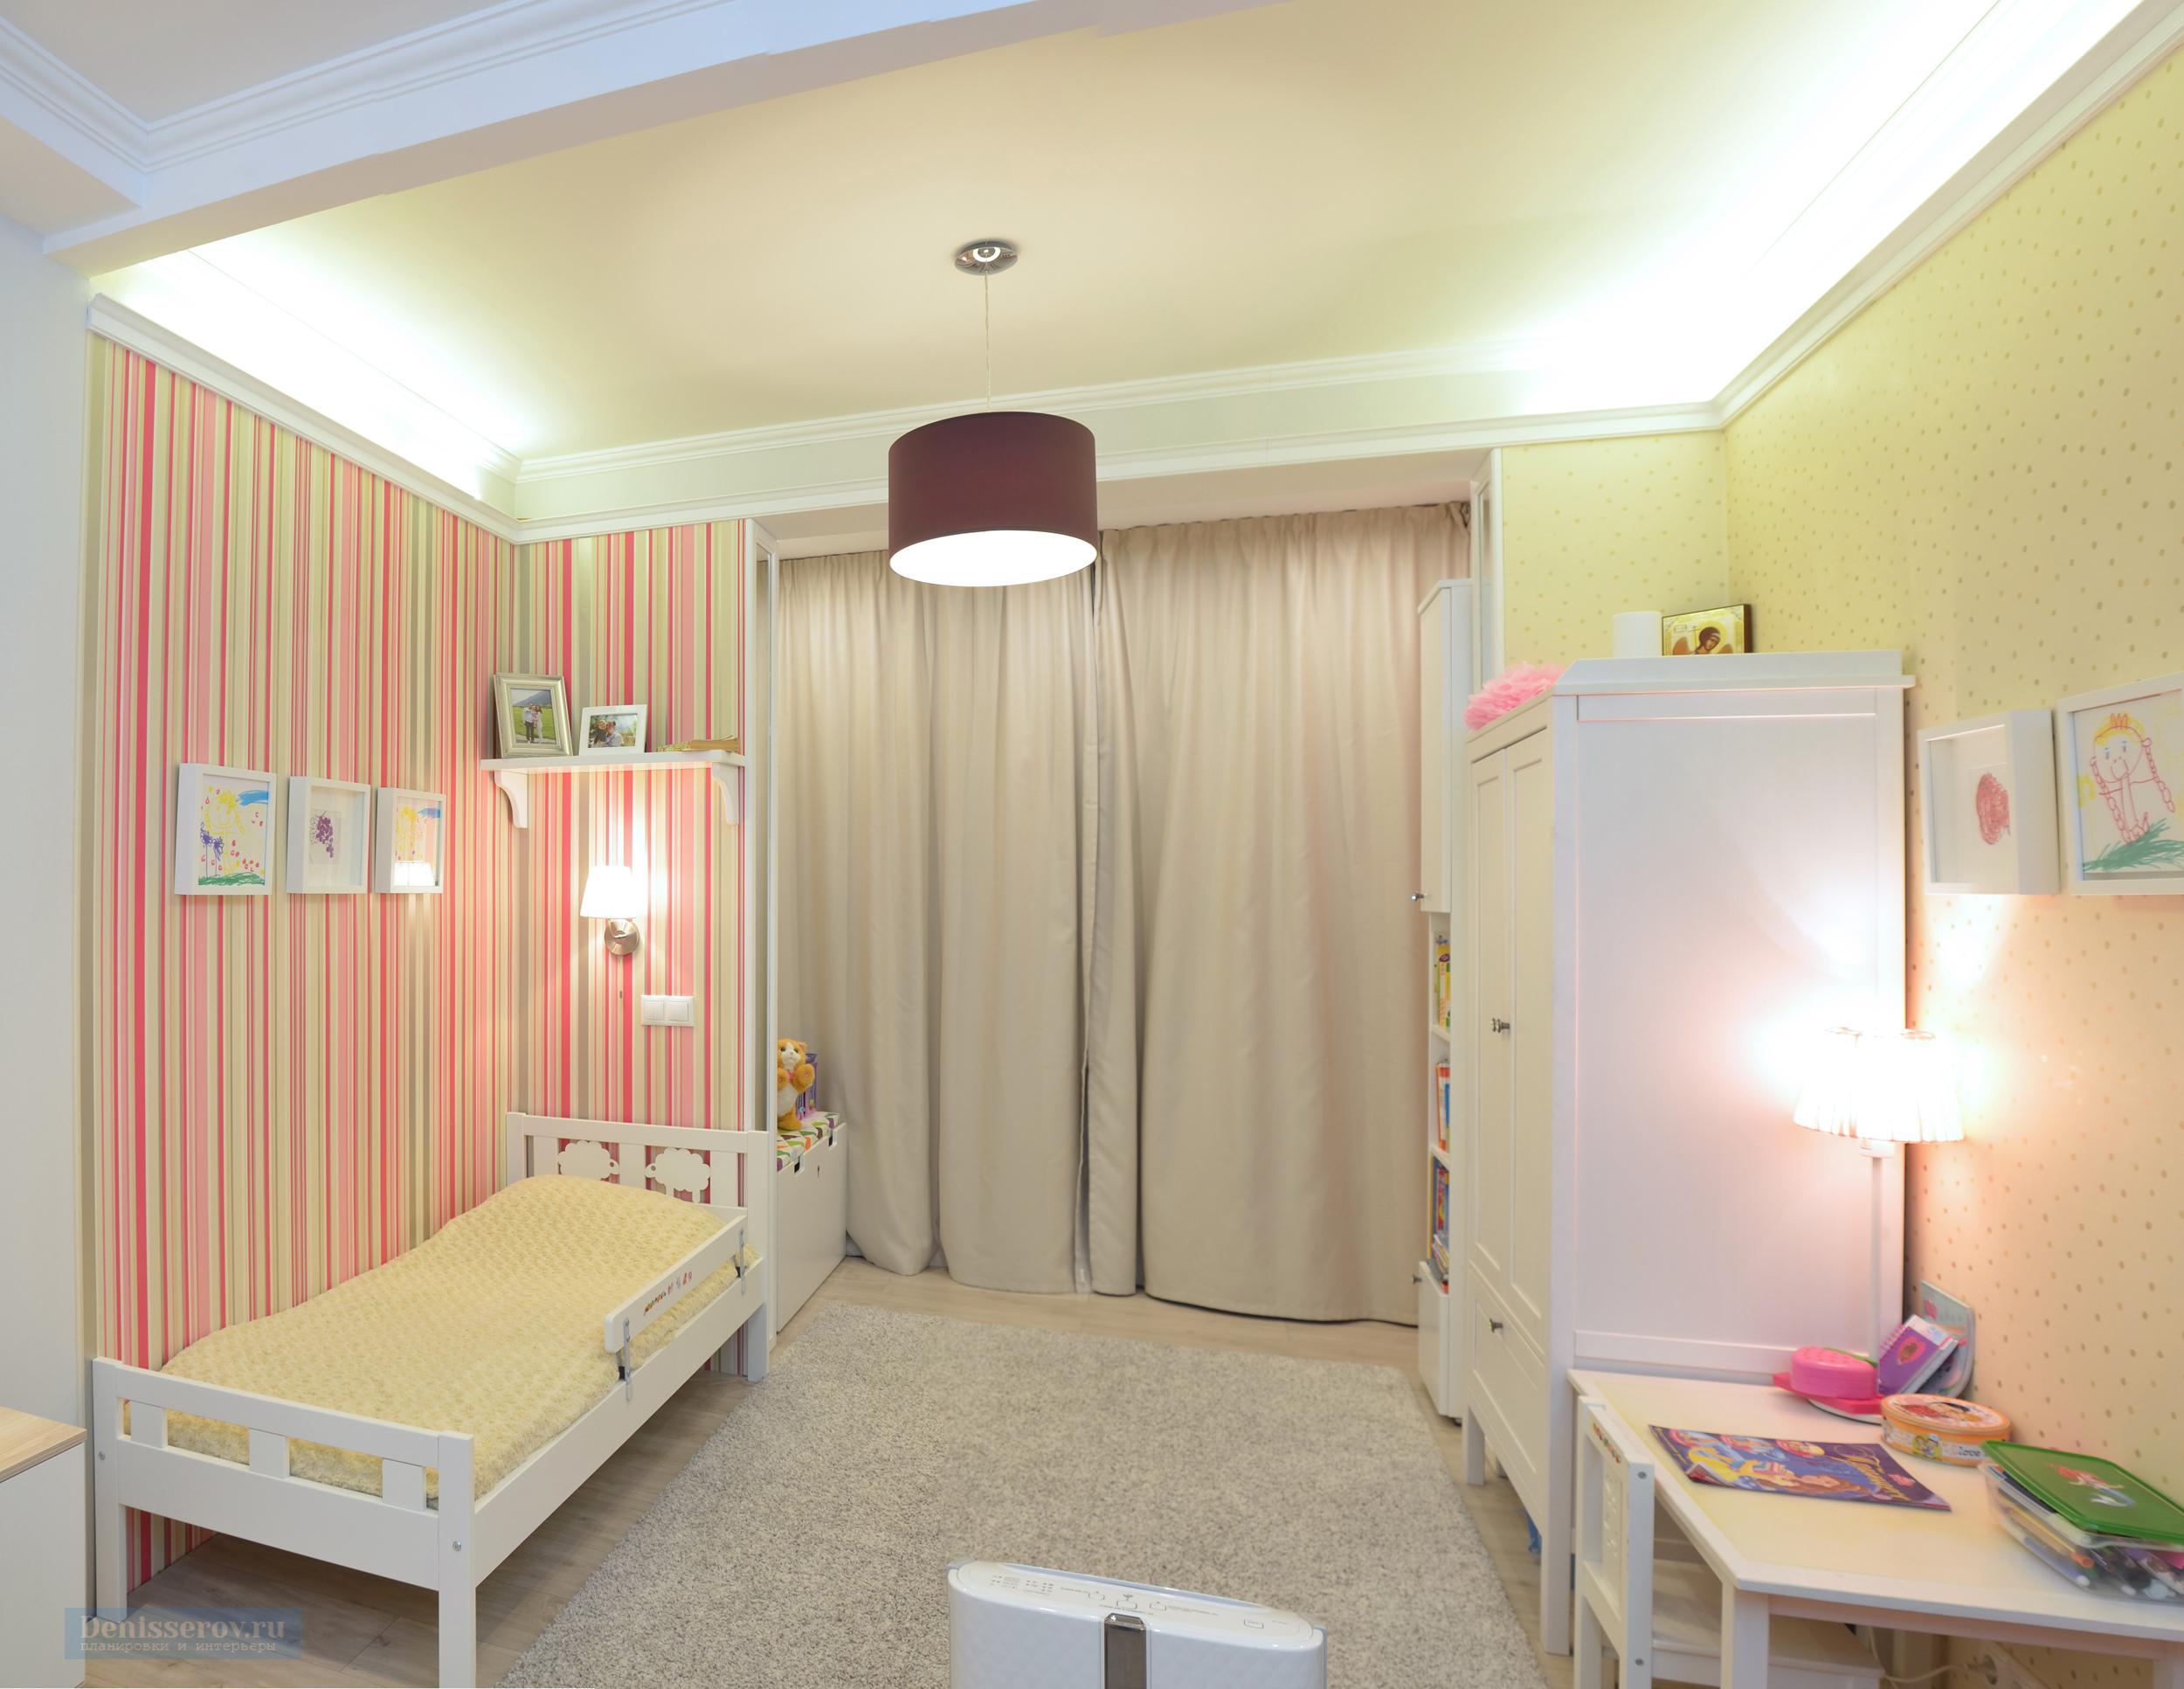 Серия жилых домов 60011 с вариантами планировок квартир